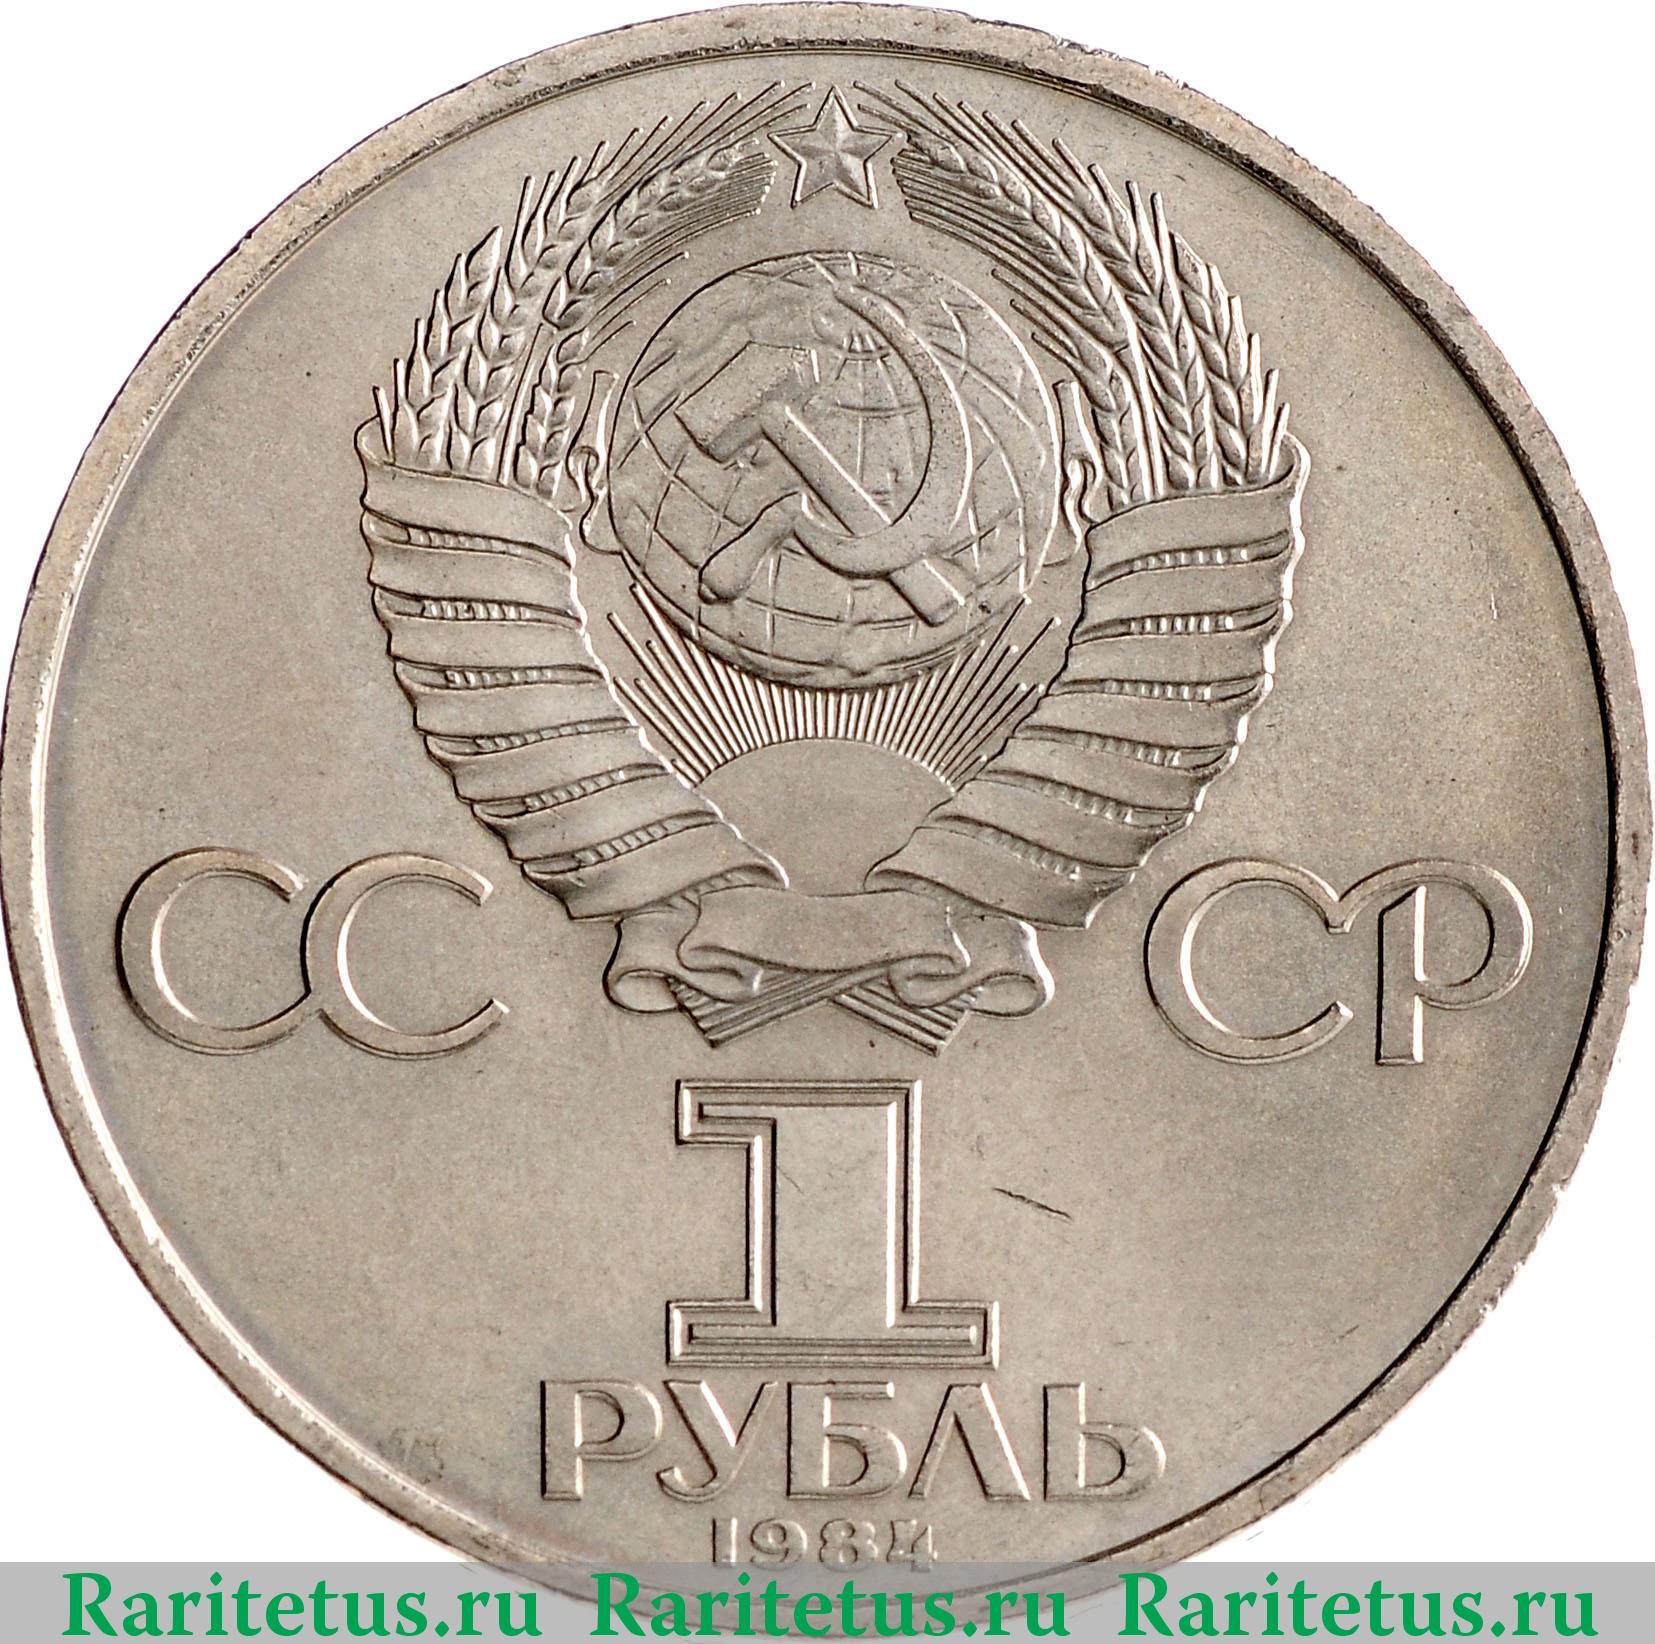 1 рубль 1984 года попов цена старые деньги беларуси